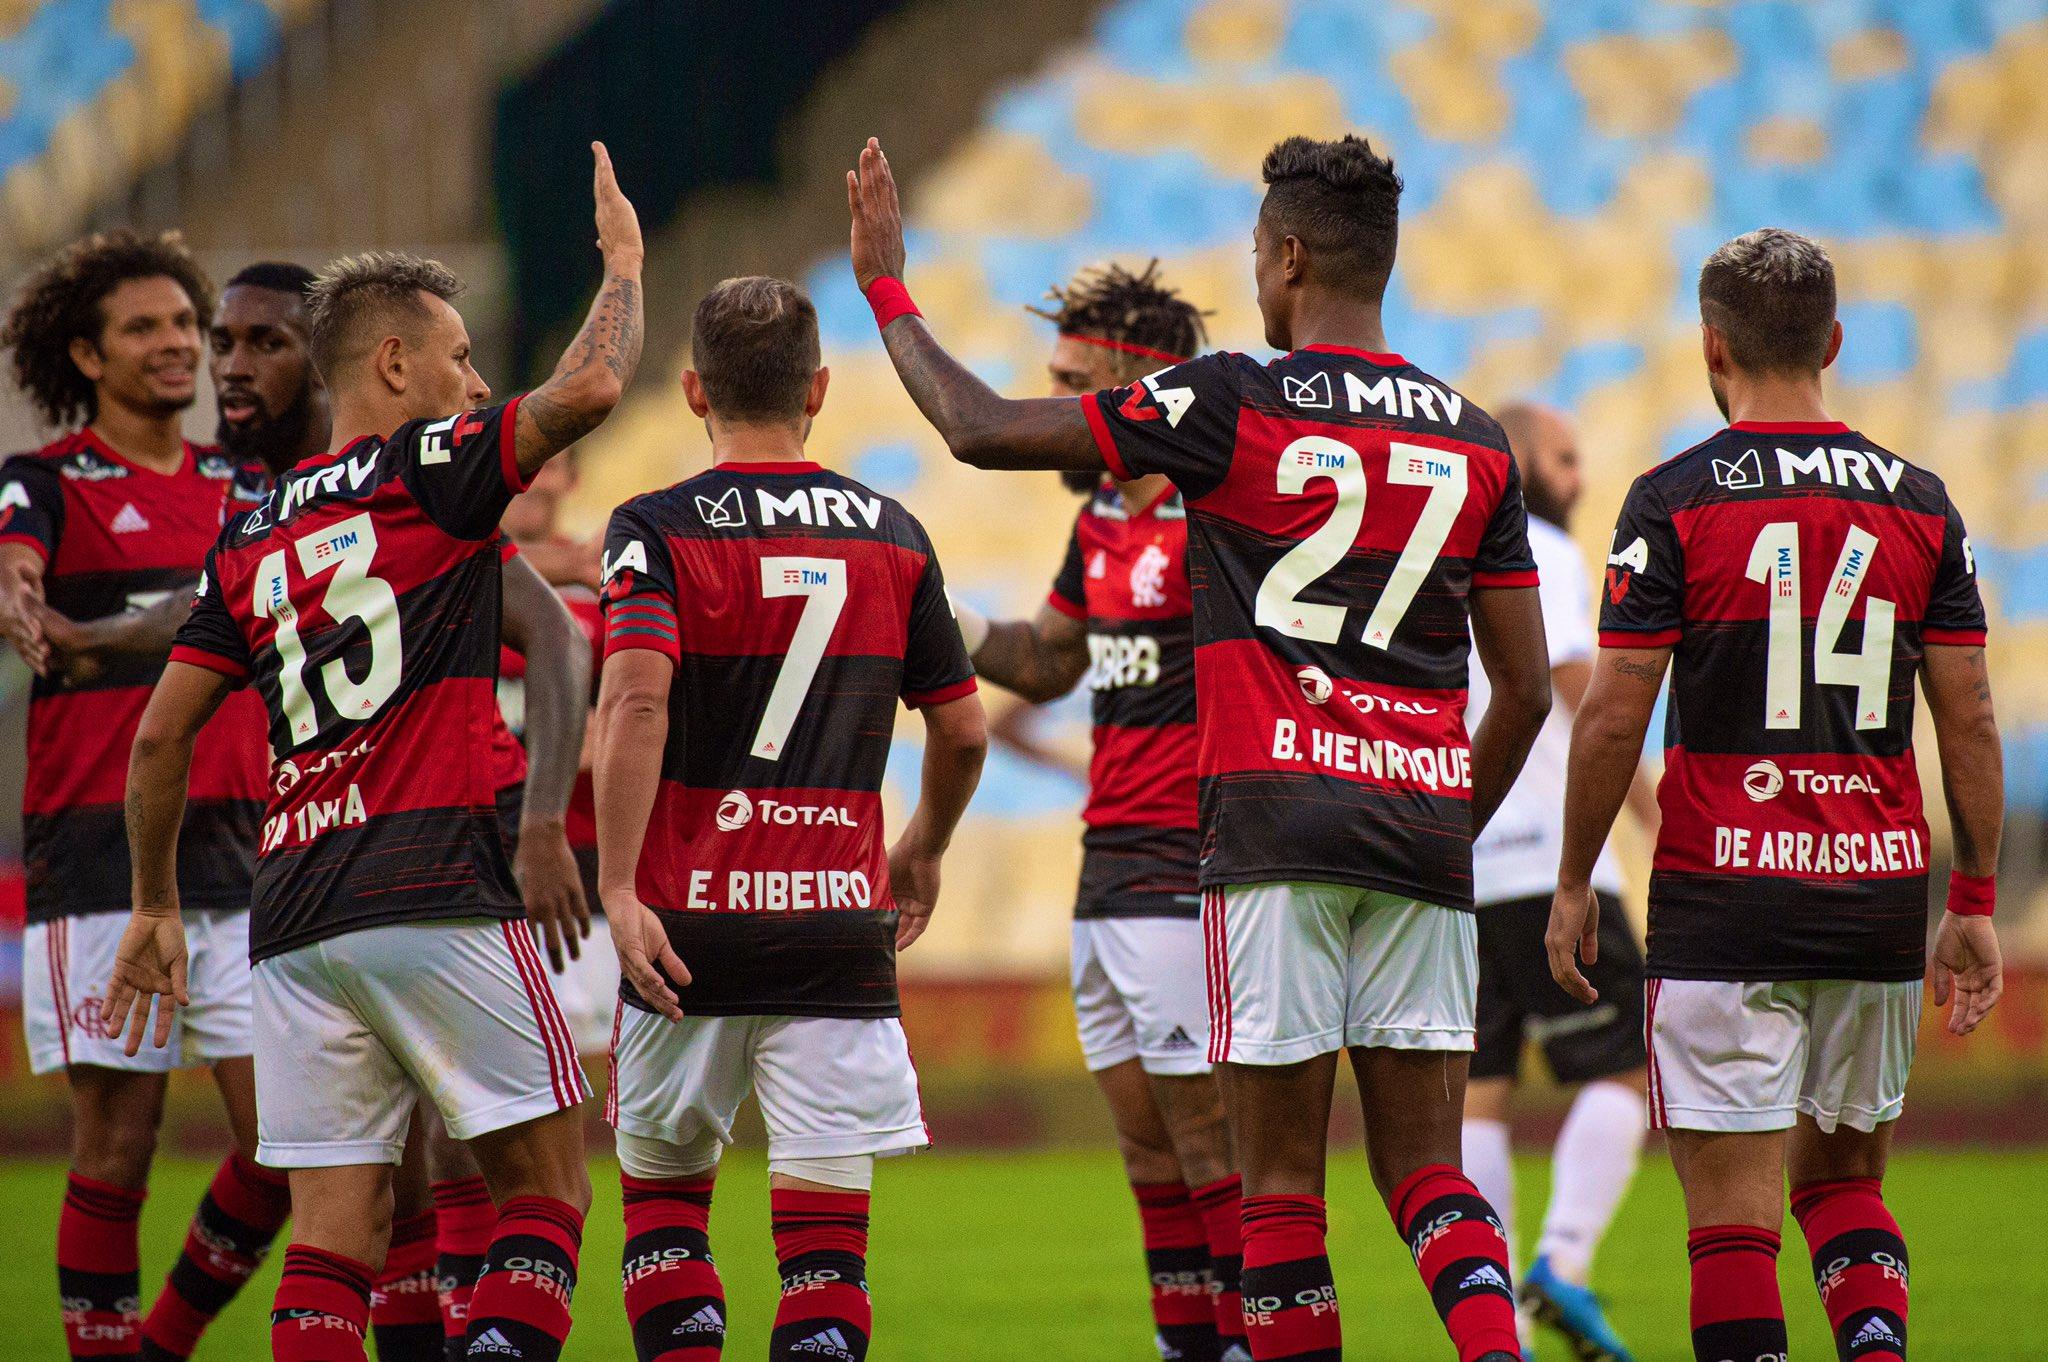 IMAGEM: A escalação da Globo contra SBT e Flamengo